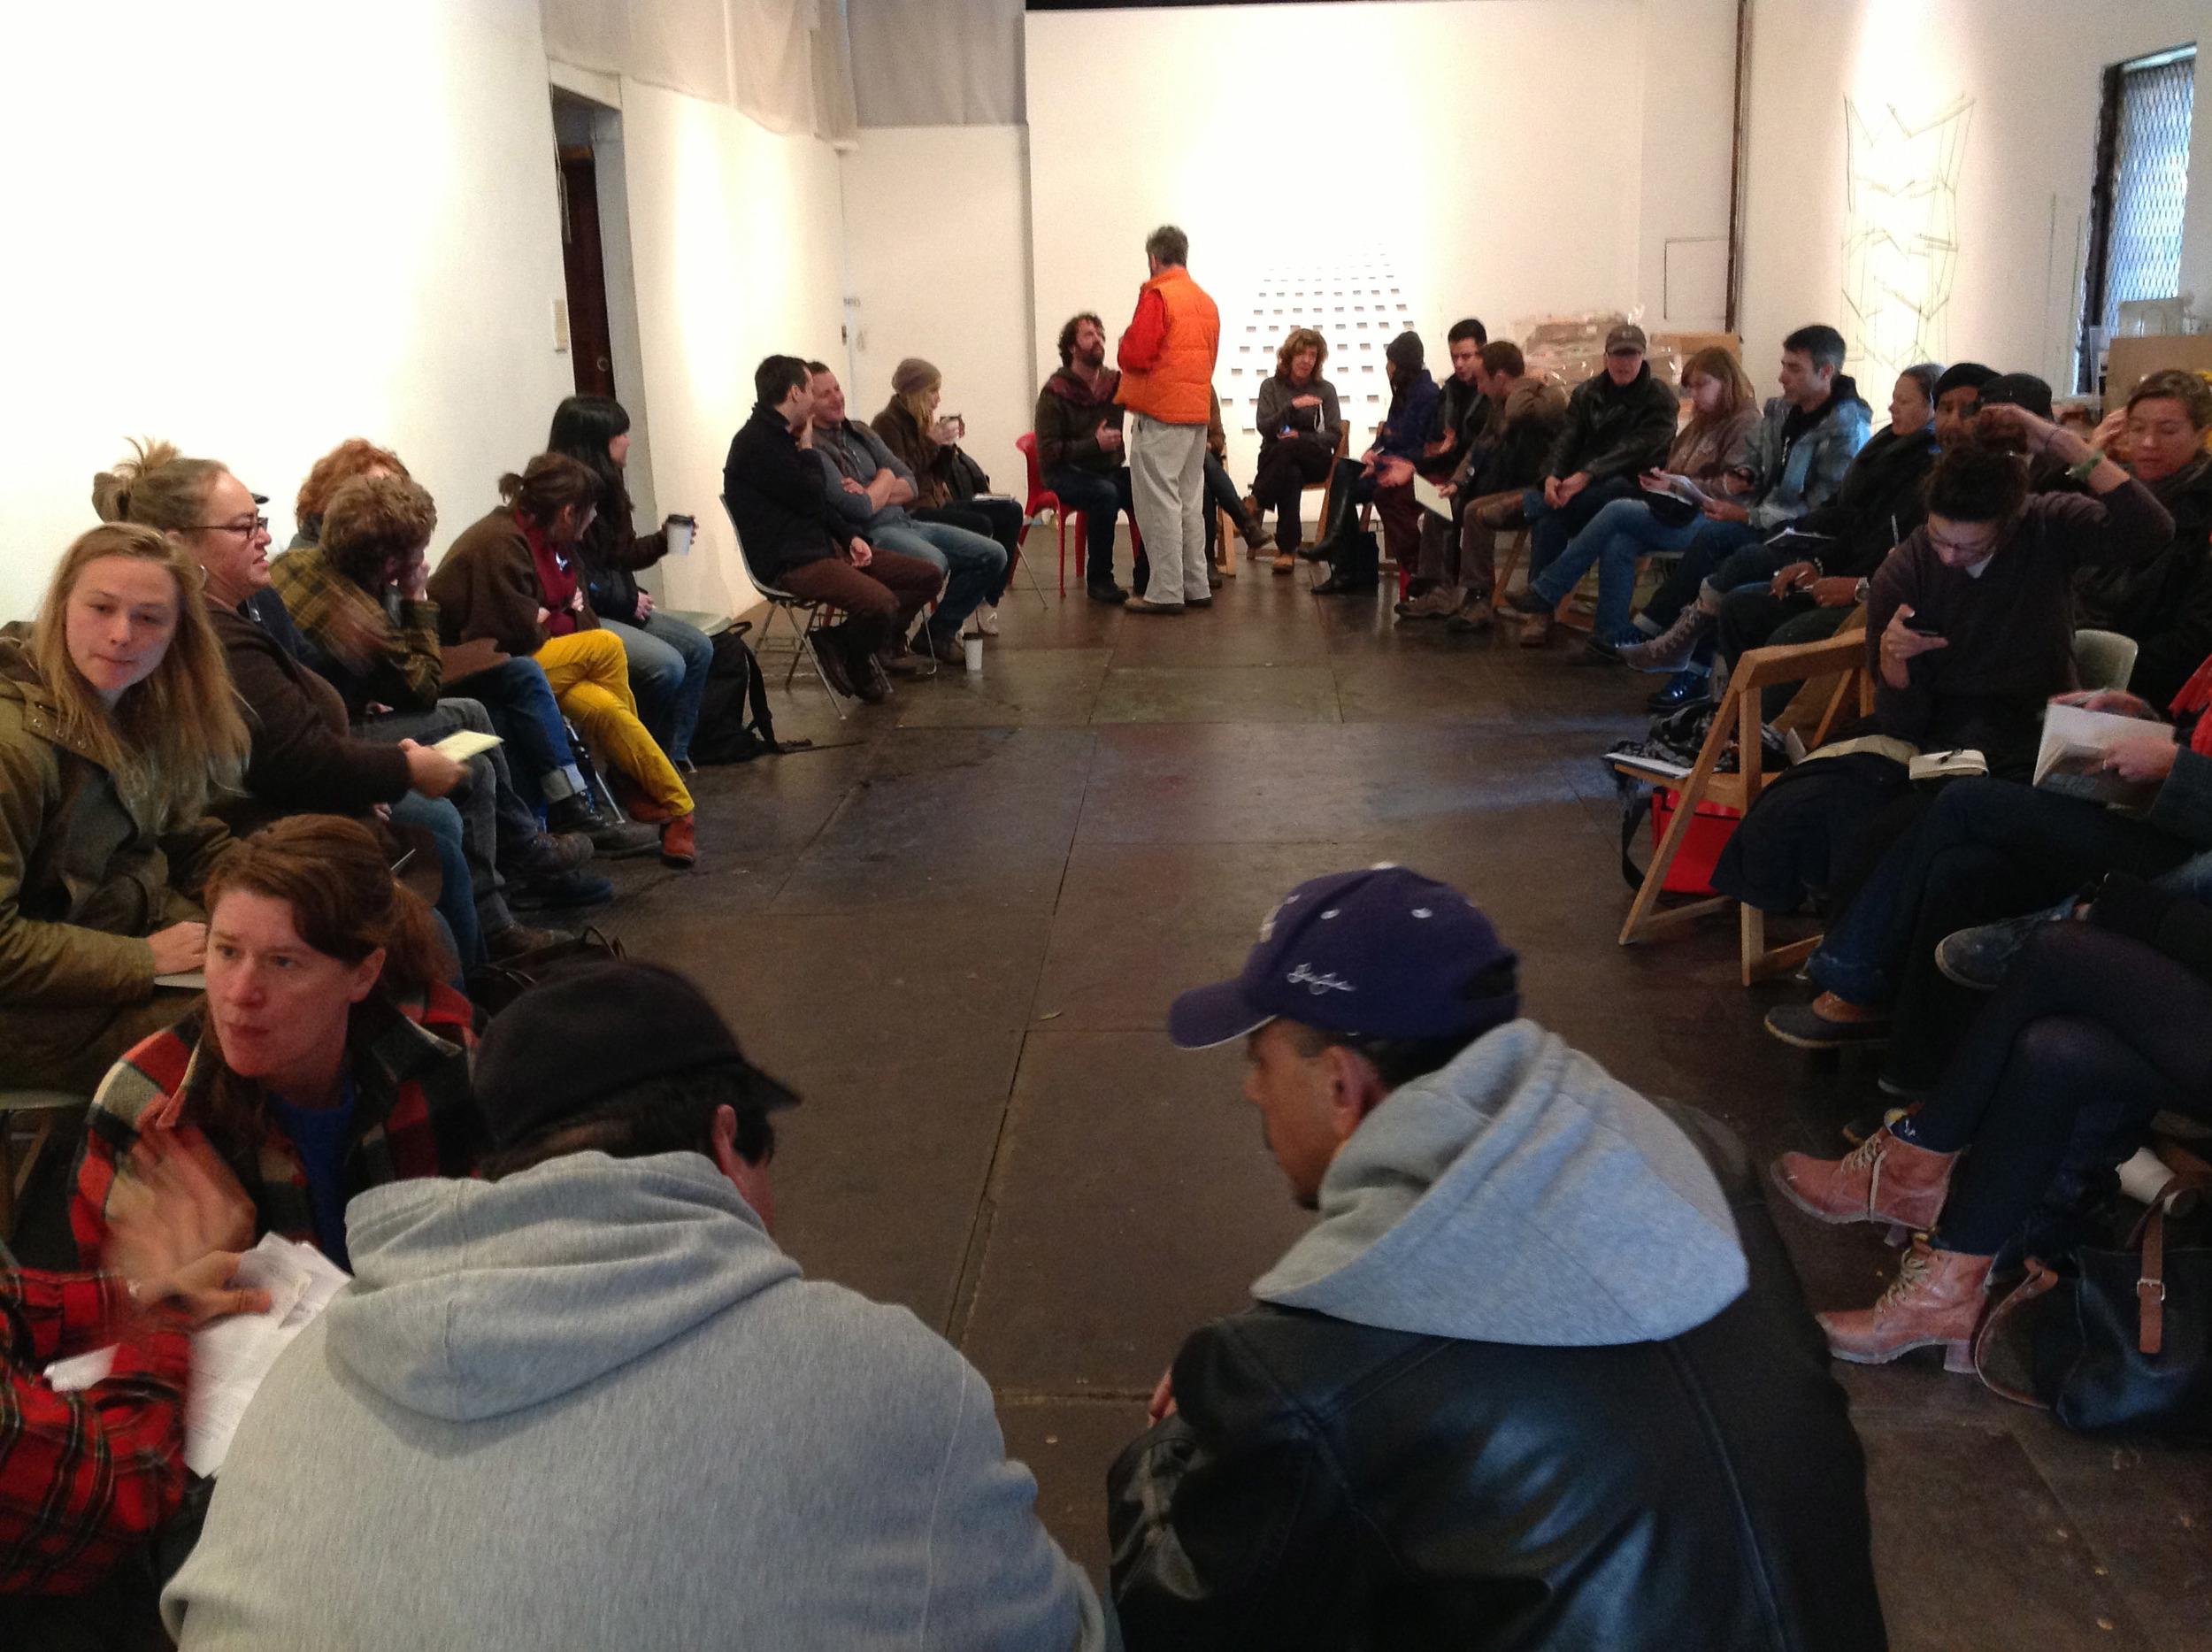 Meetings were held at Kentler Gallery